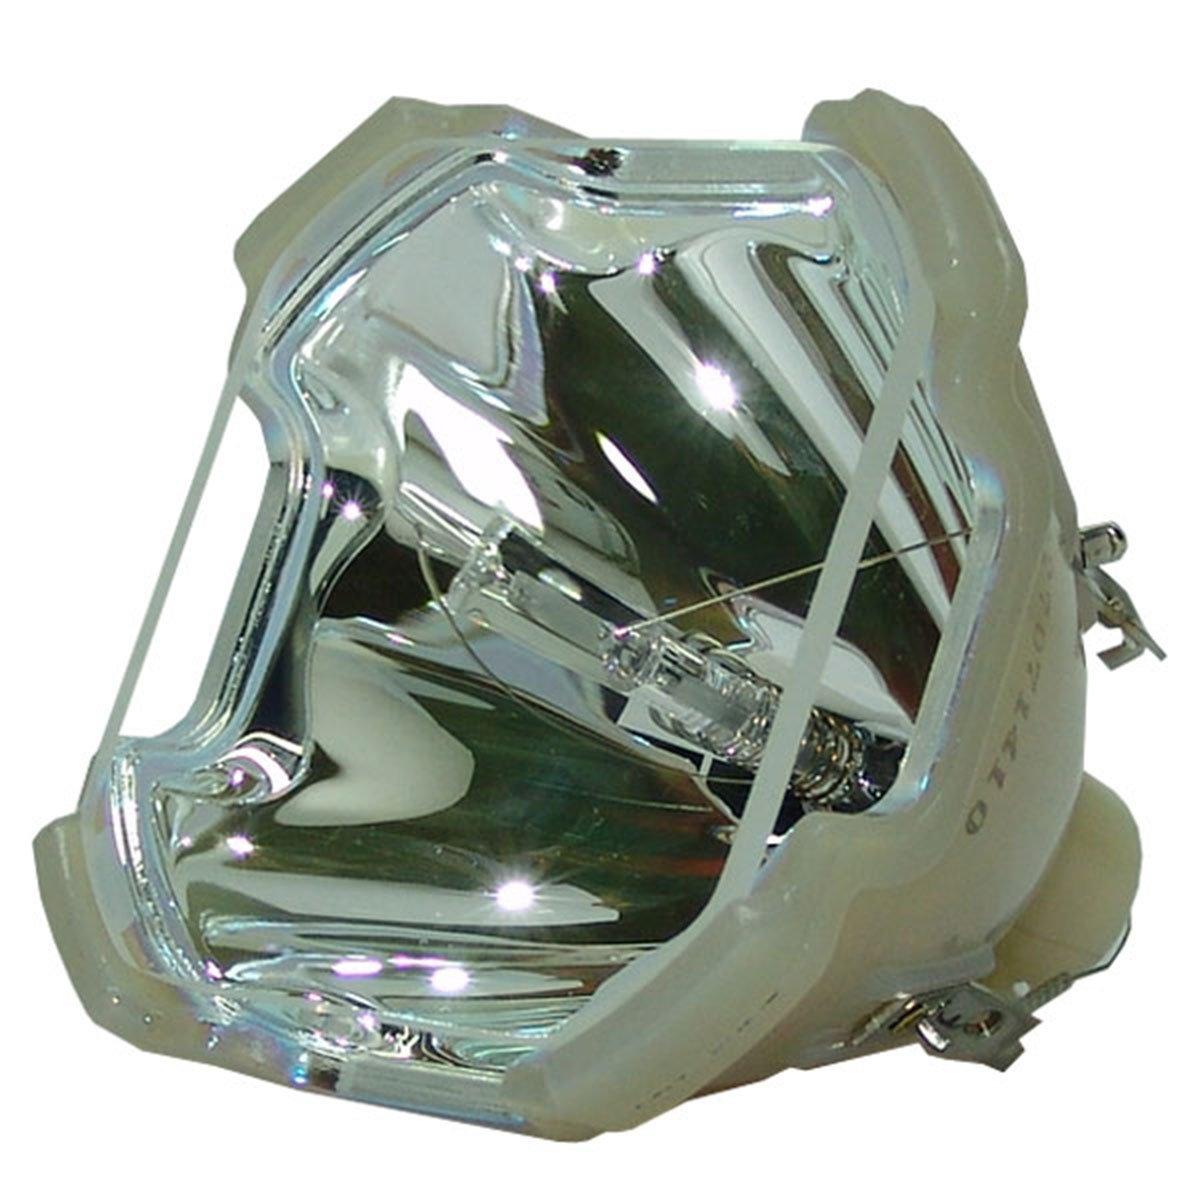 オリジナルフィリップスプロジェクター交換用ランプ InFocus LP925用 Platinum (Brighter/Durable) B07L2BKTKB Lamp Only Platinum (Brighter/Durable)